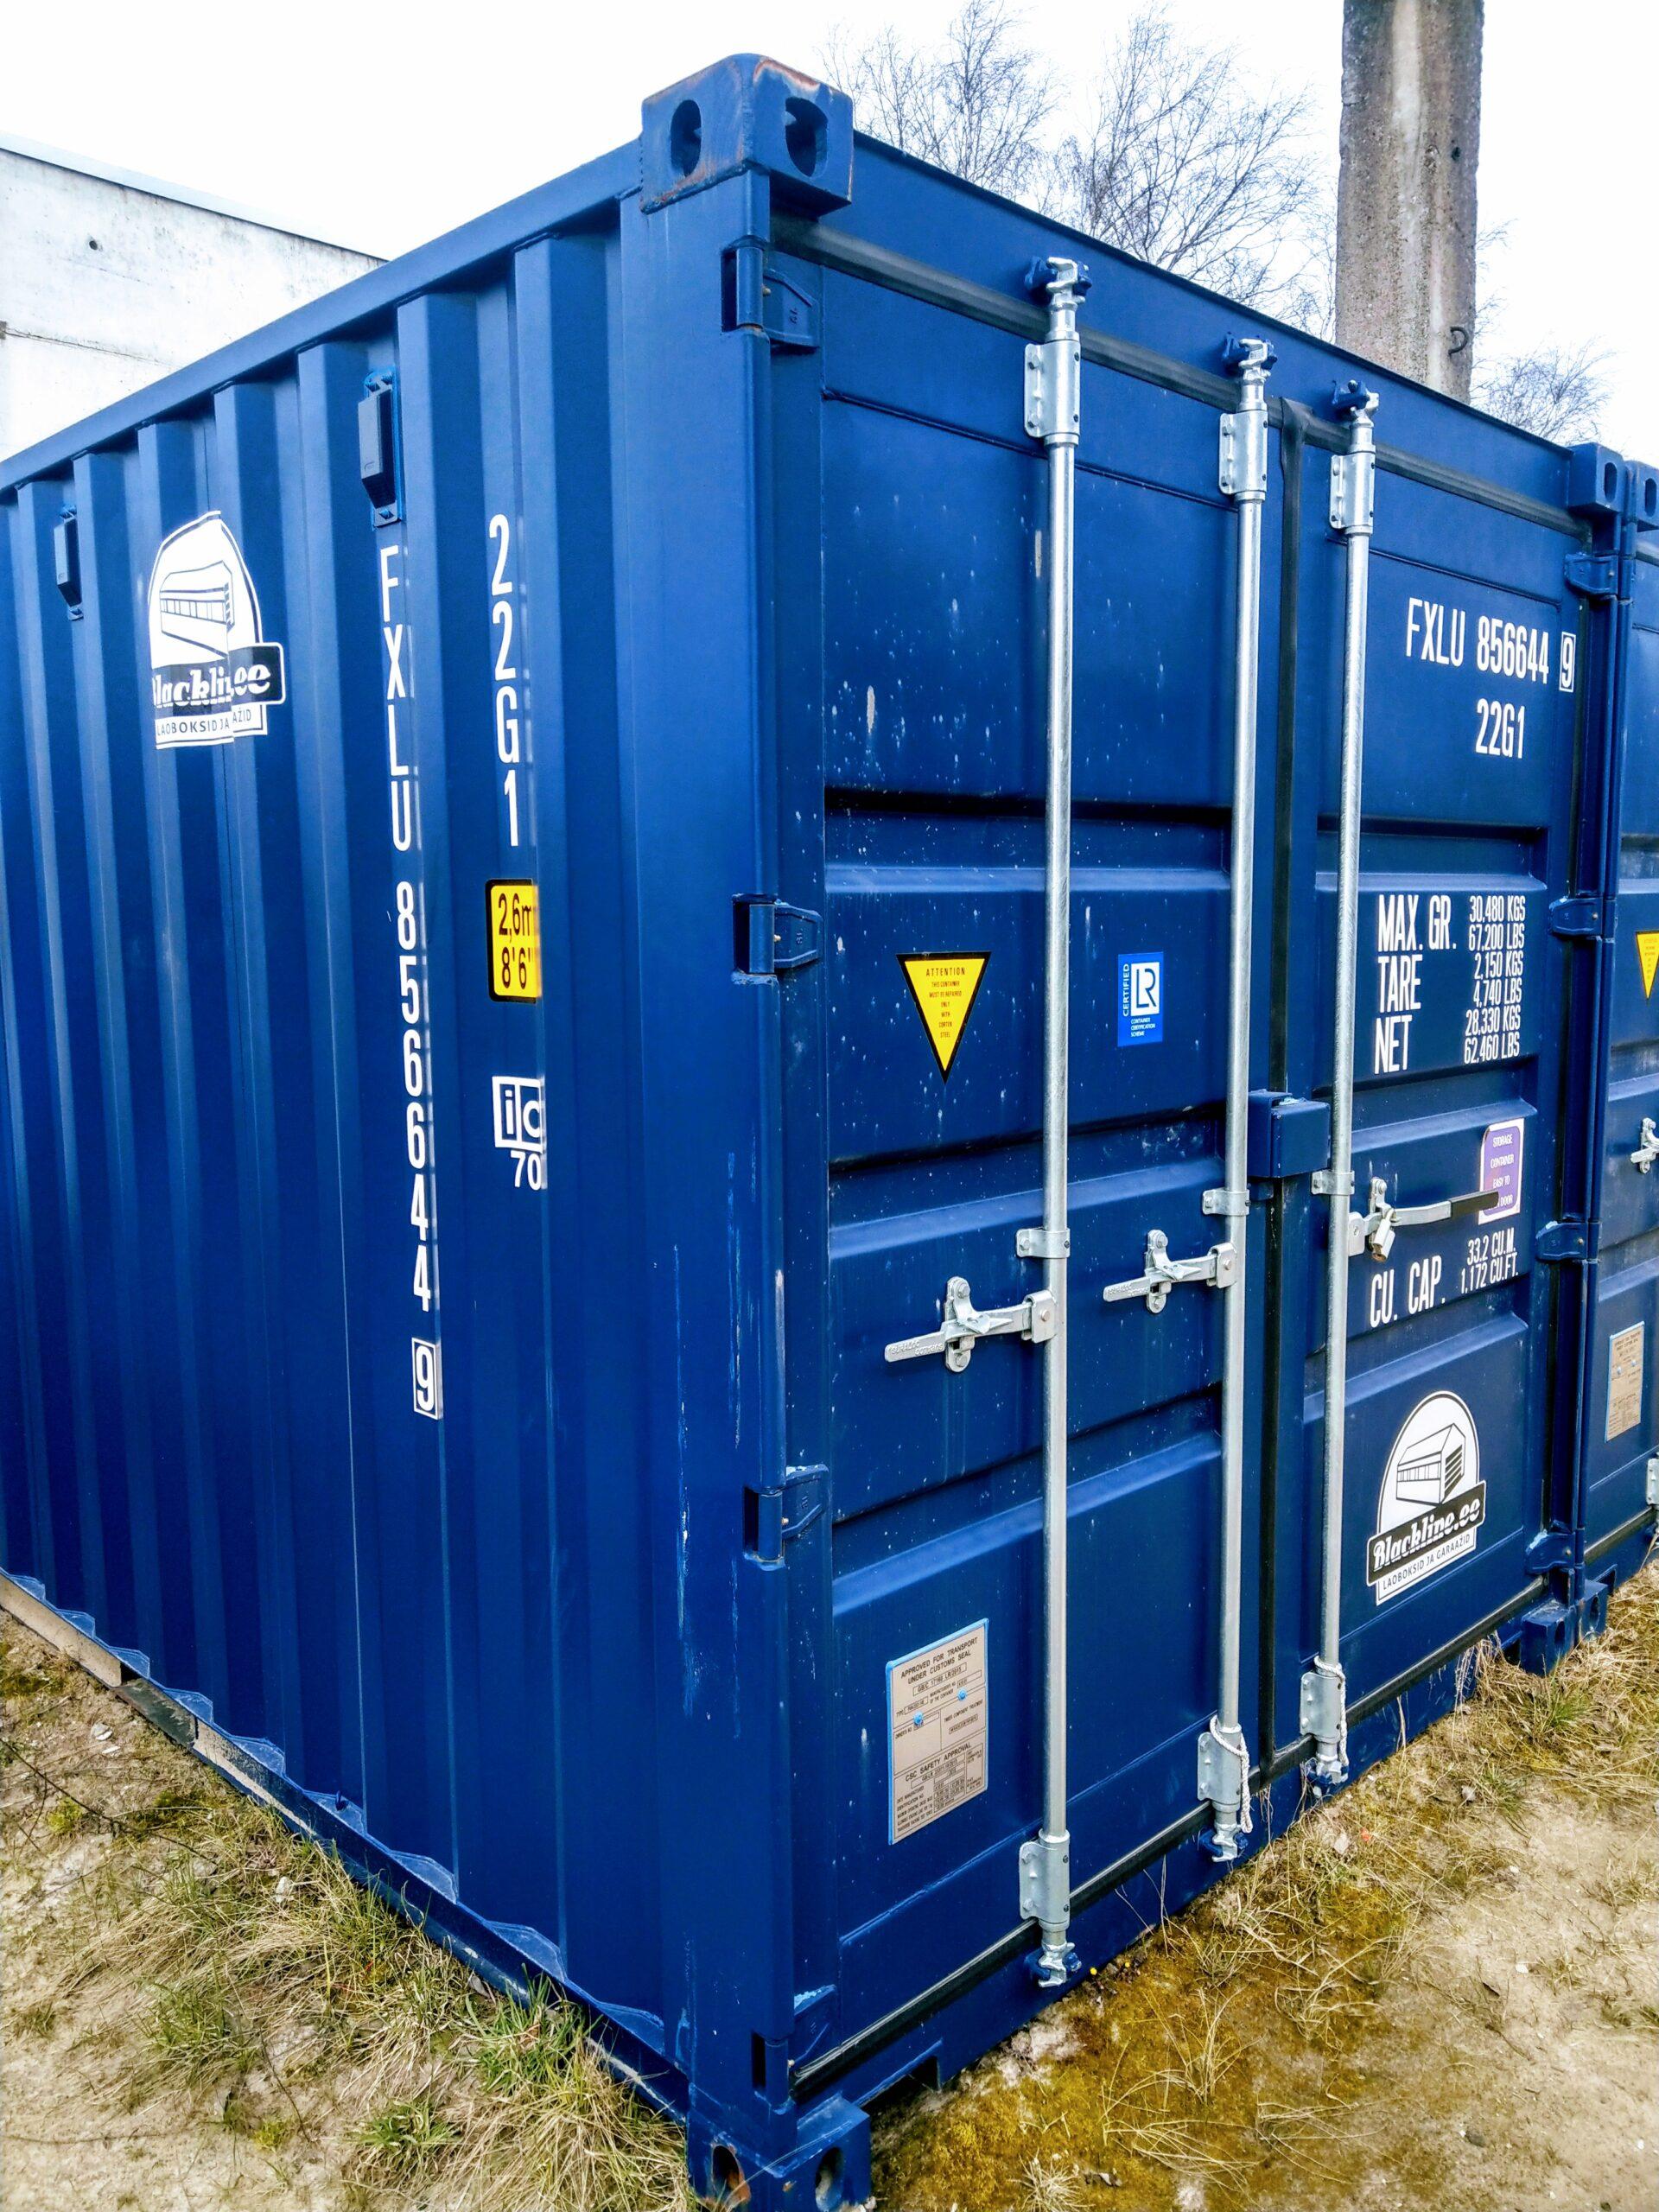 Uus konteinerladu NR 10 – FXLU8566449